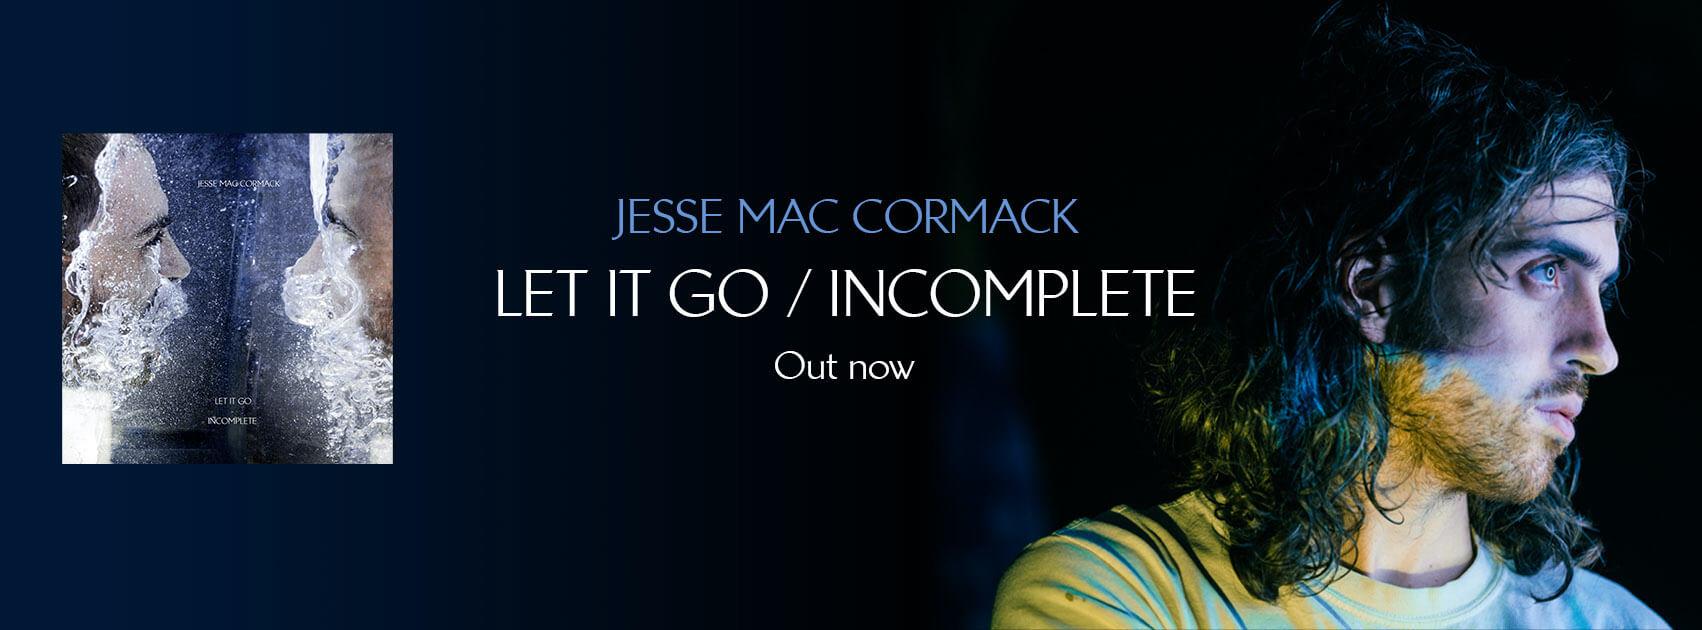 JesseMacCormack-SCRBanners-EN